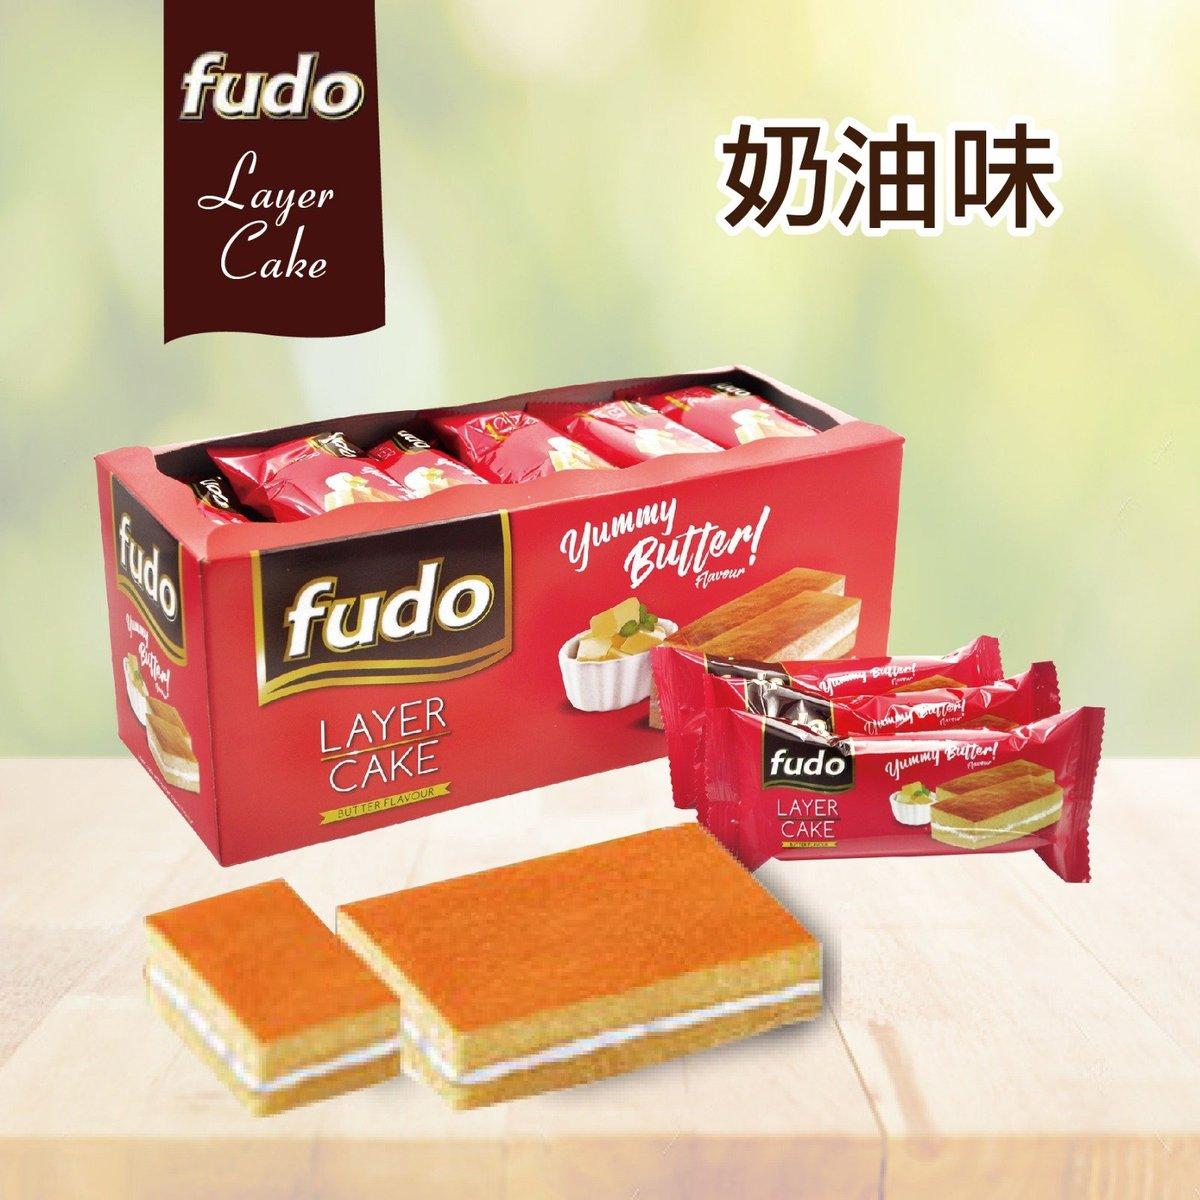 Fudo Layer Cake (Original Flv) (24pcs)